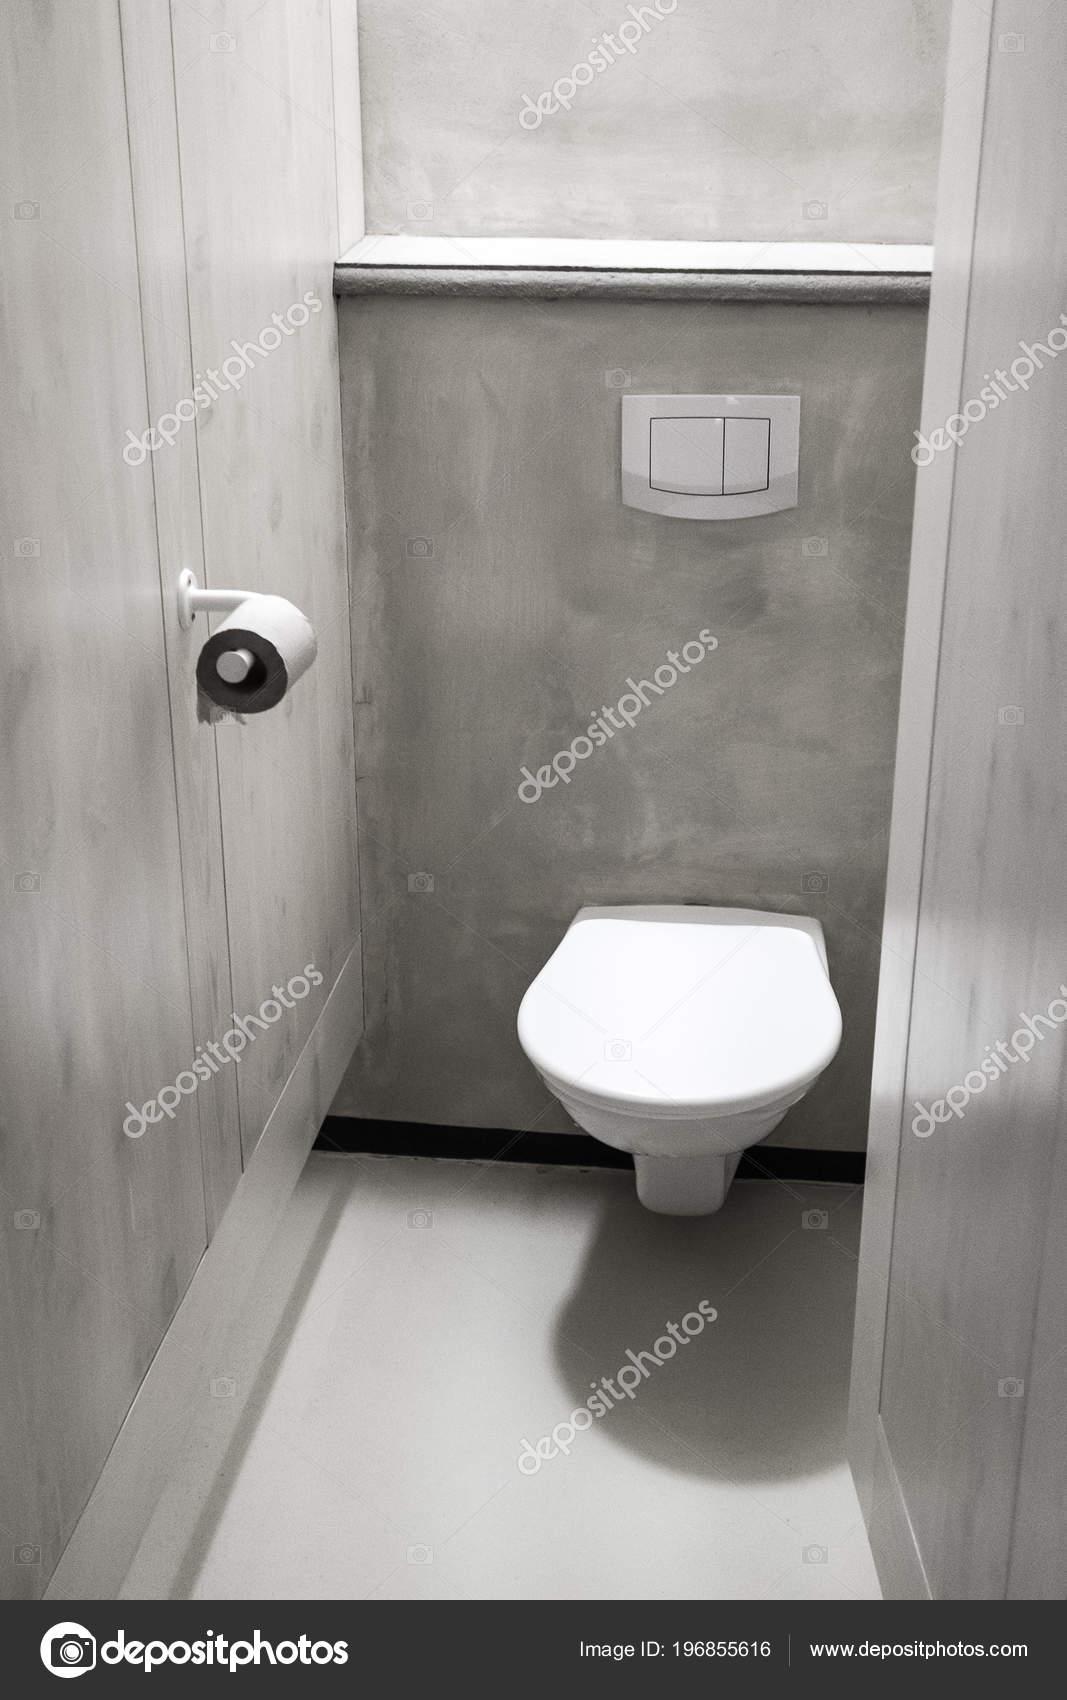 Moderne Europäische Toilette Mit Grauen Betonfläche Kabine Mit ...